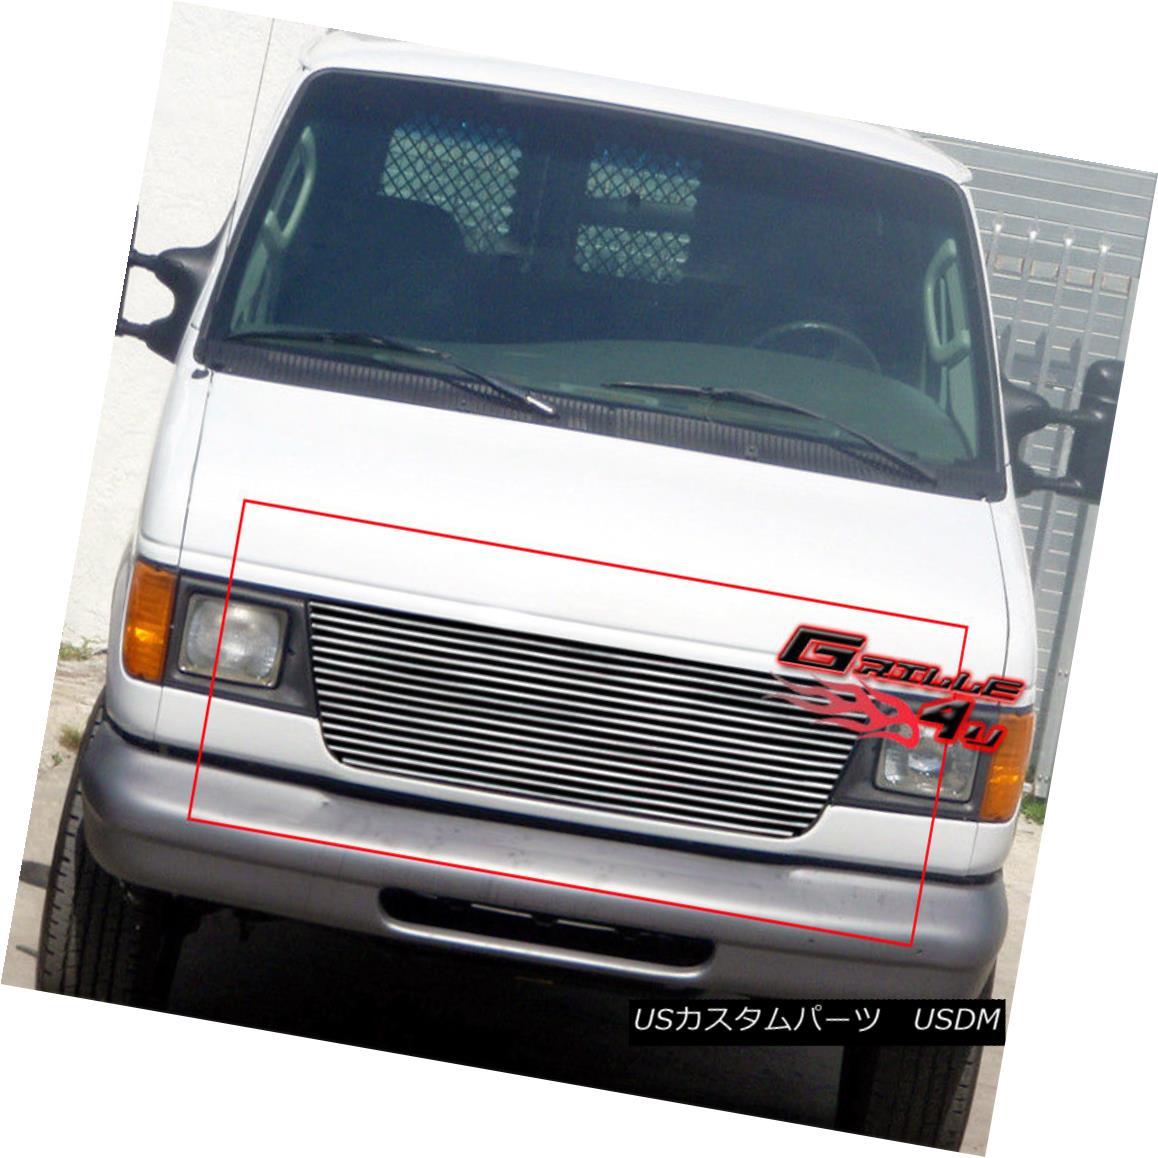 グリル Fits 1992-2006 Ford Econoline Van Billet Main Upper Grille Insert 1992-2006 Ford Econoline Van Billetメインアッパーグリルインサート